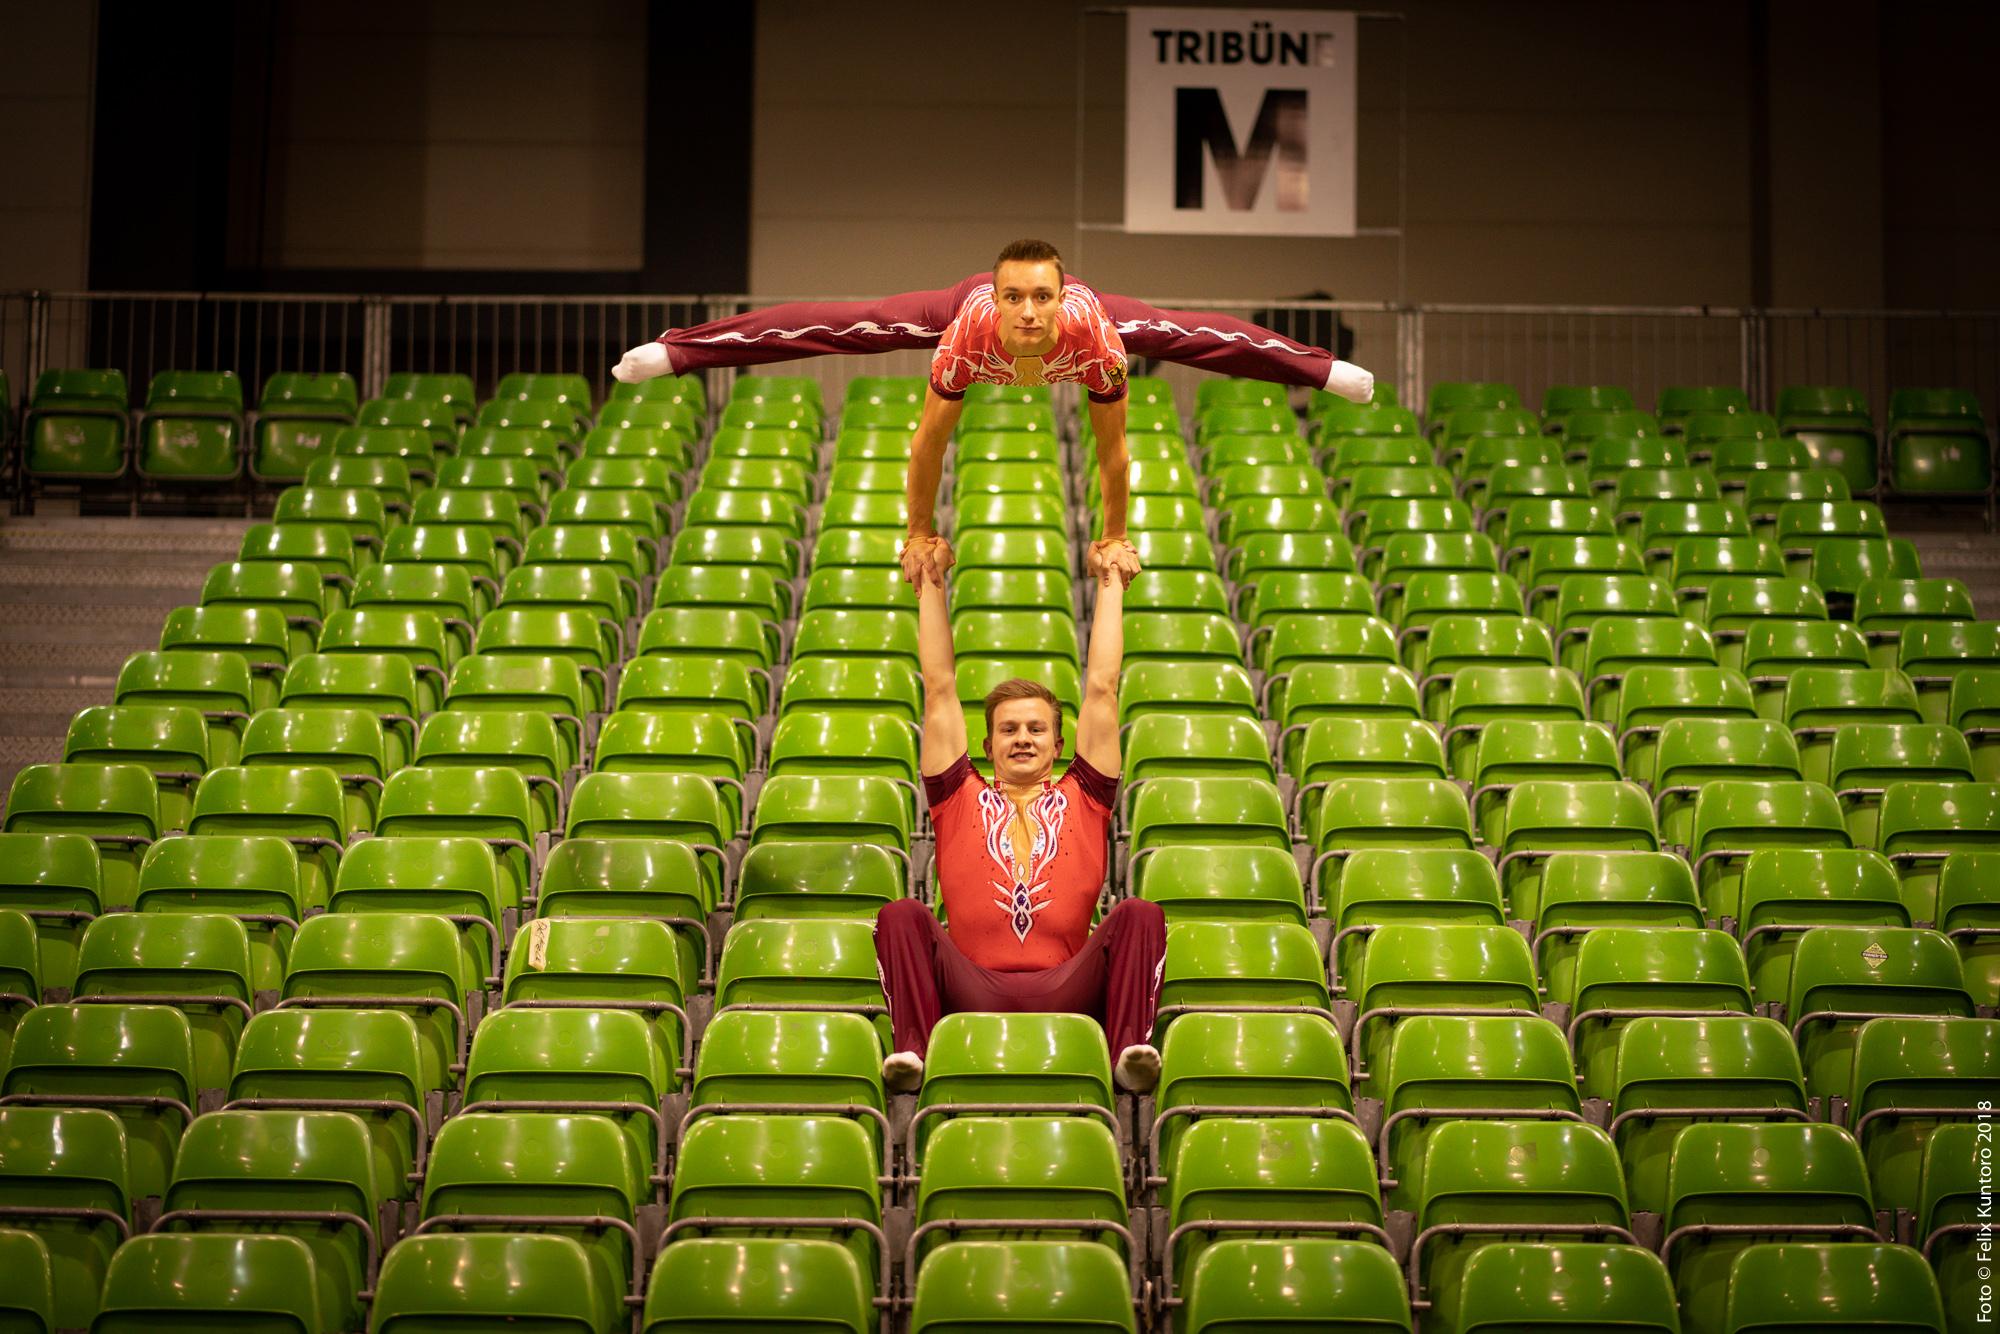 Jetzt ist es leider endgültig… Tim Sebastian und Michail Kraft beenden ihre Karriere!